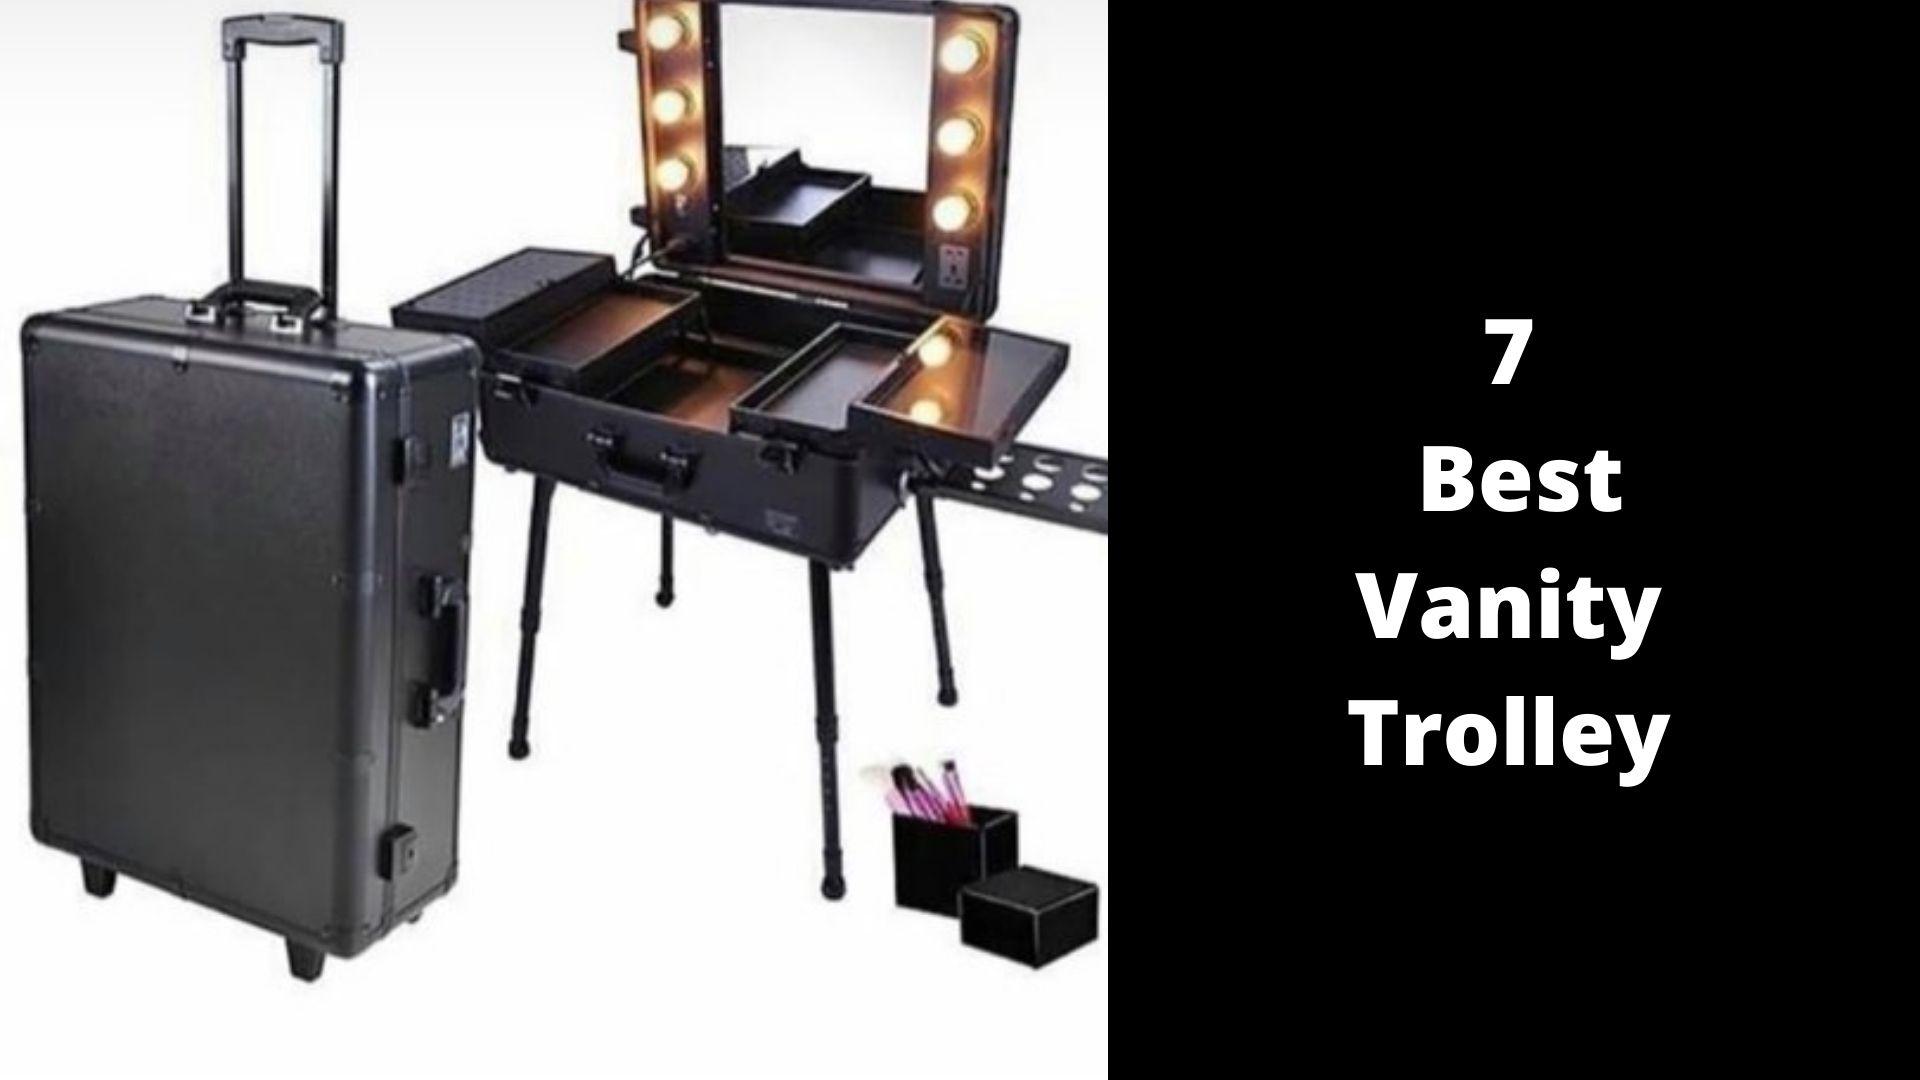 Best Vanity Trolley Under 100